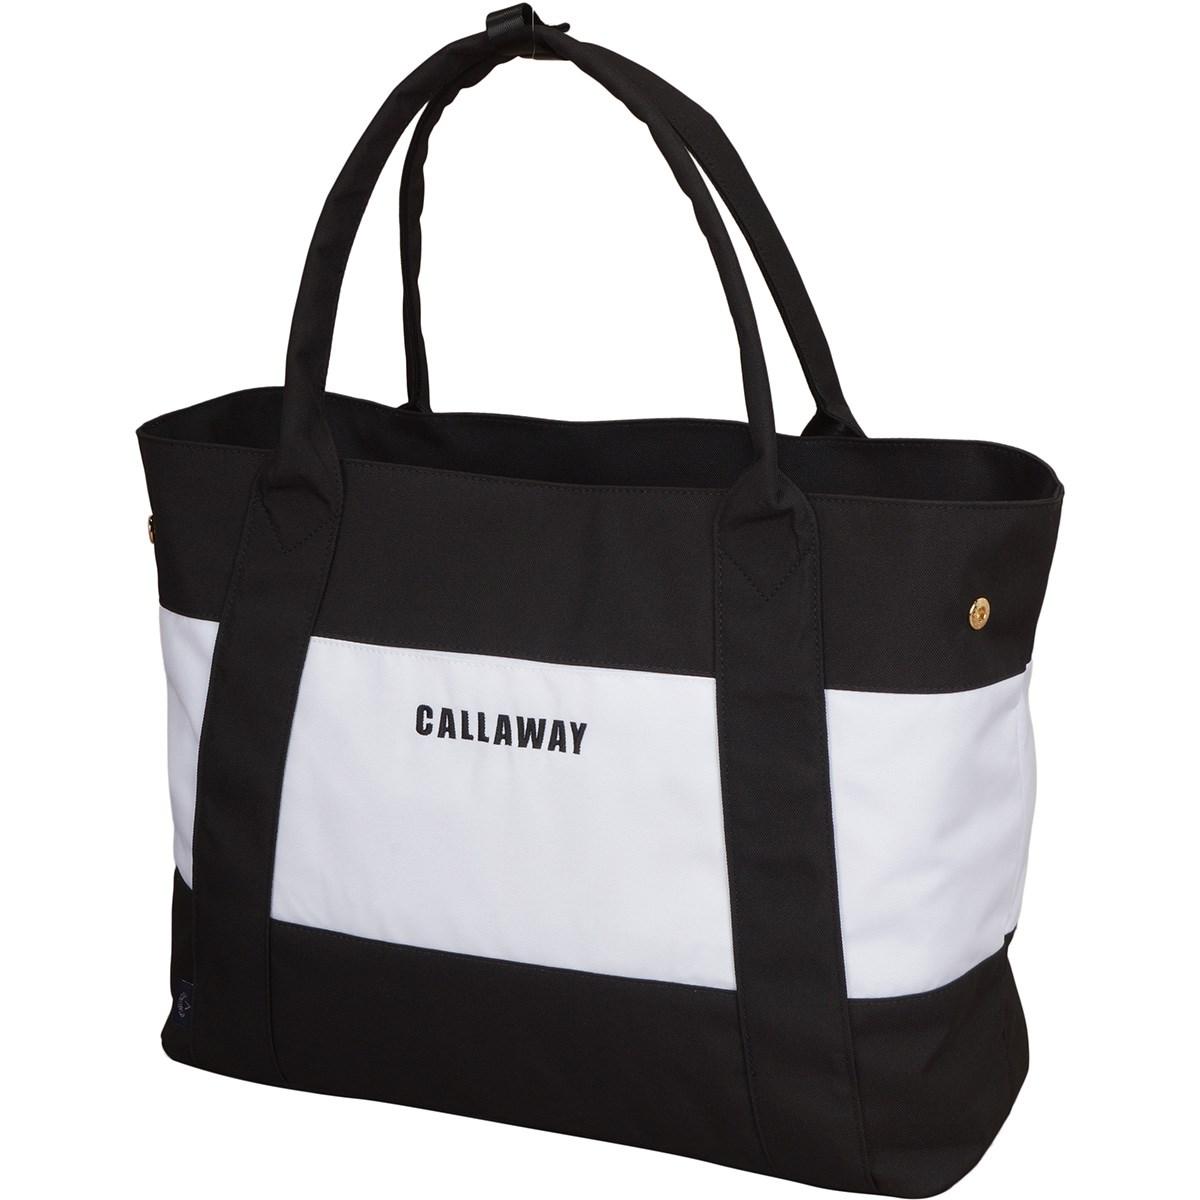 キャロウェイゴルフ Callaway Golf トートバッグ ブラック 010 レディス